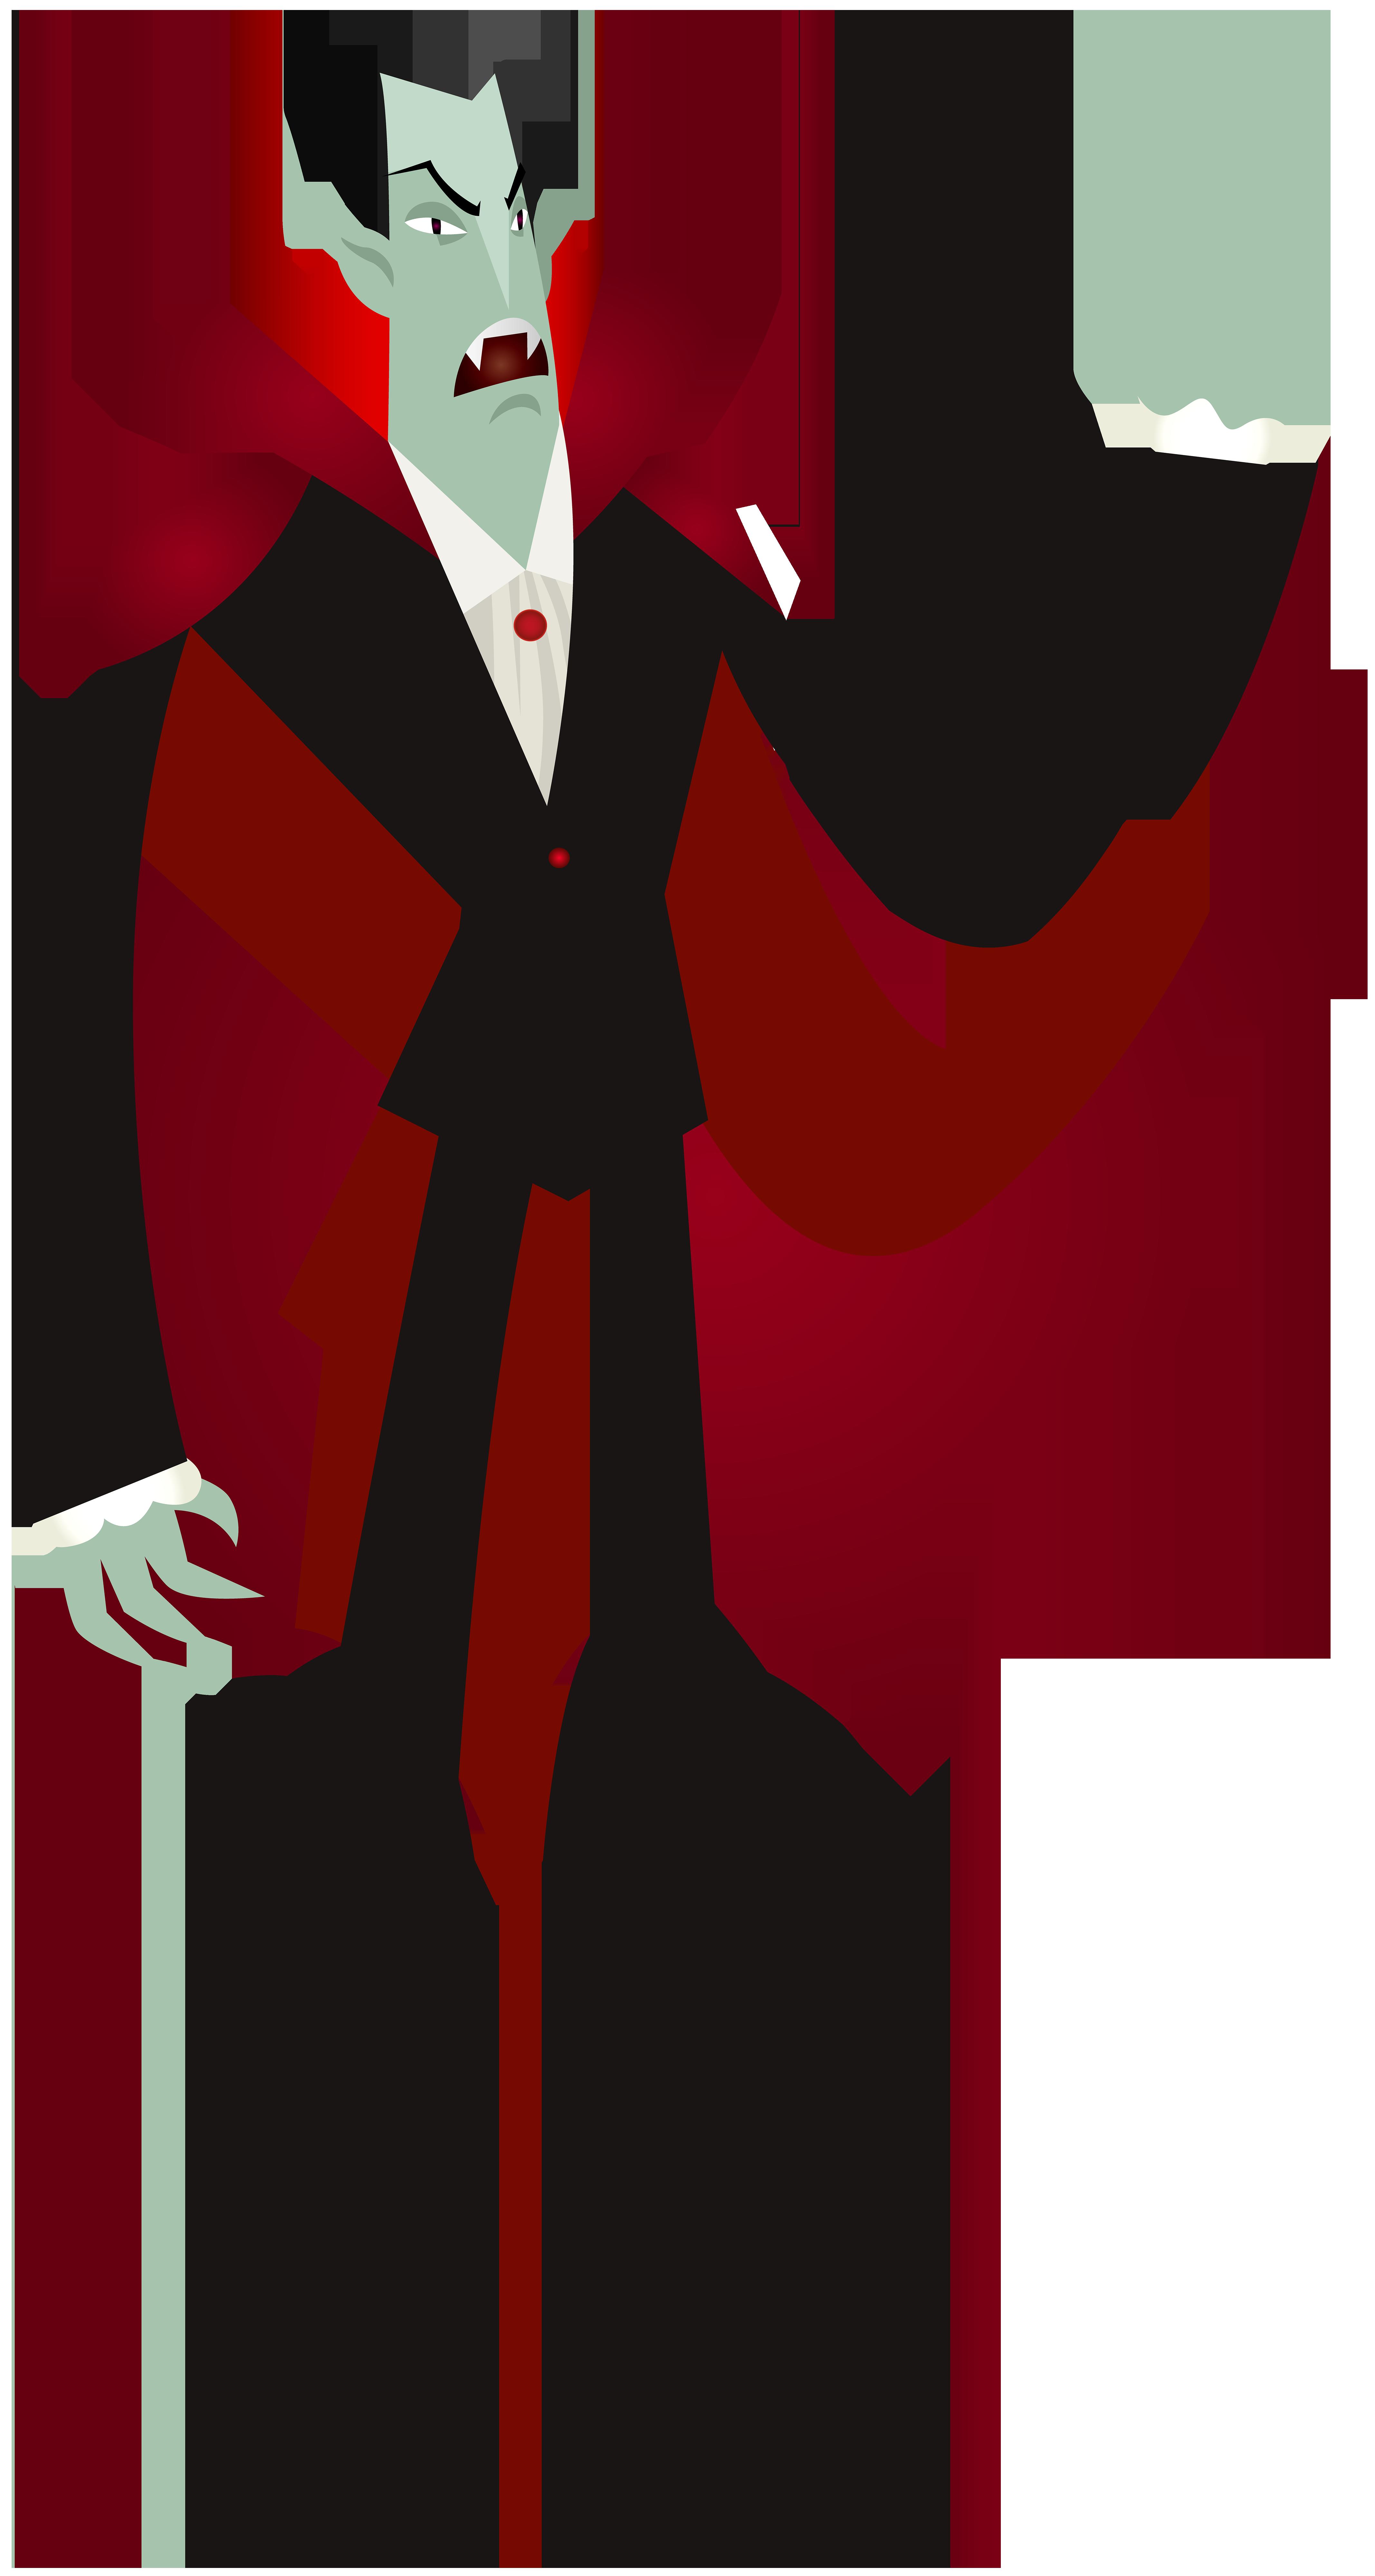 jpg royalty free library Vampire png clip art. Vampir clipart.